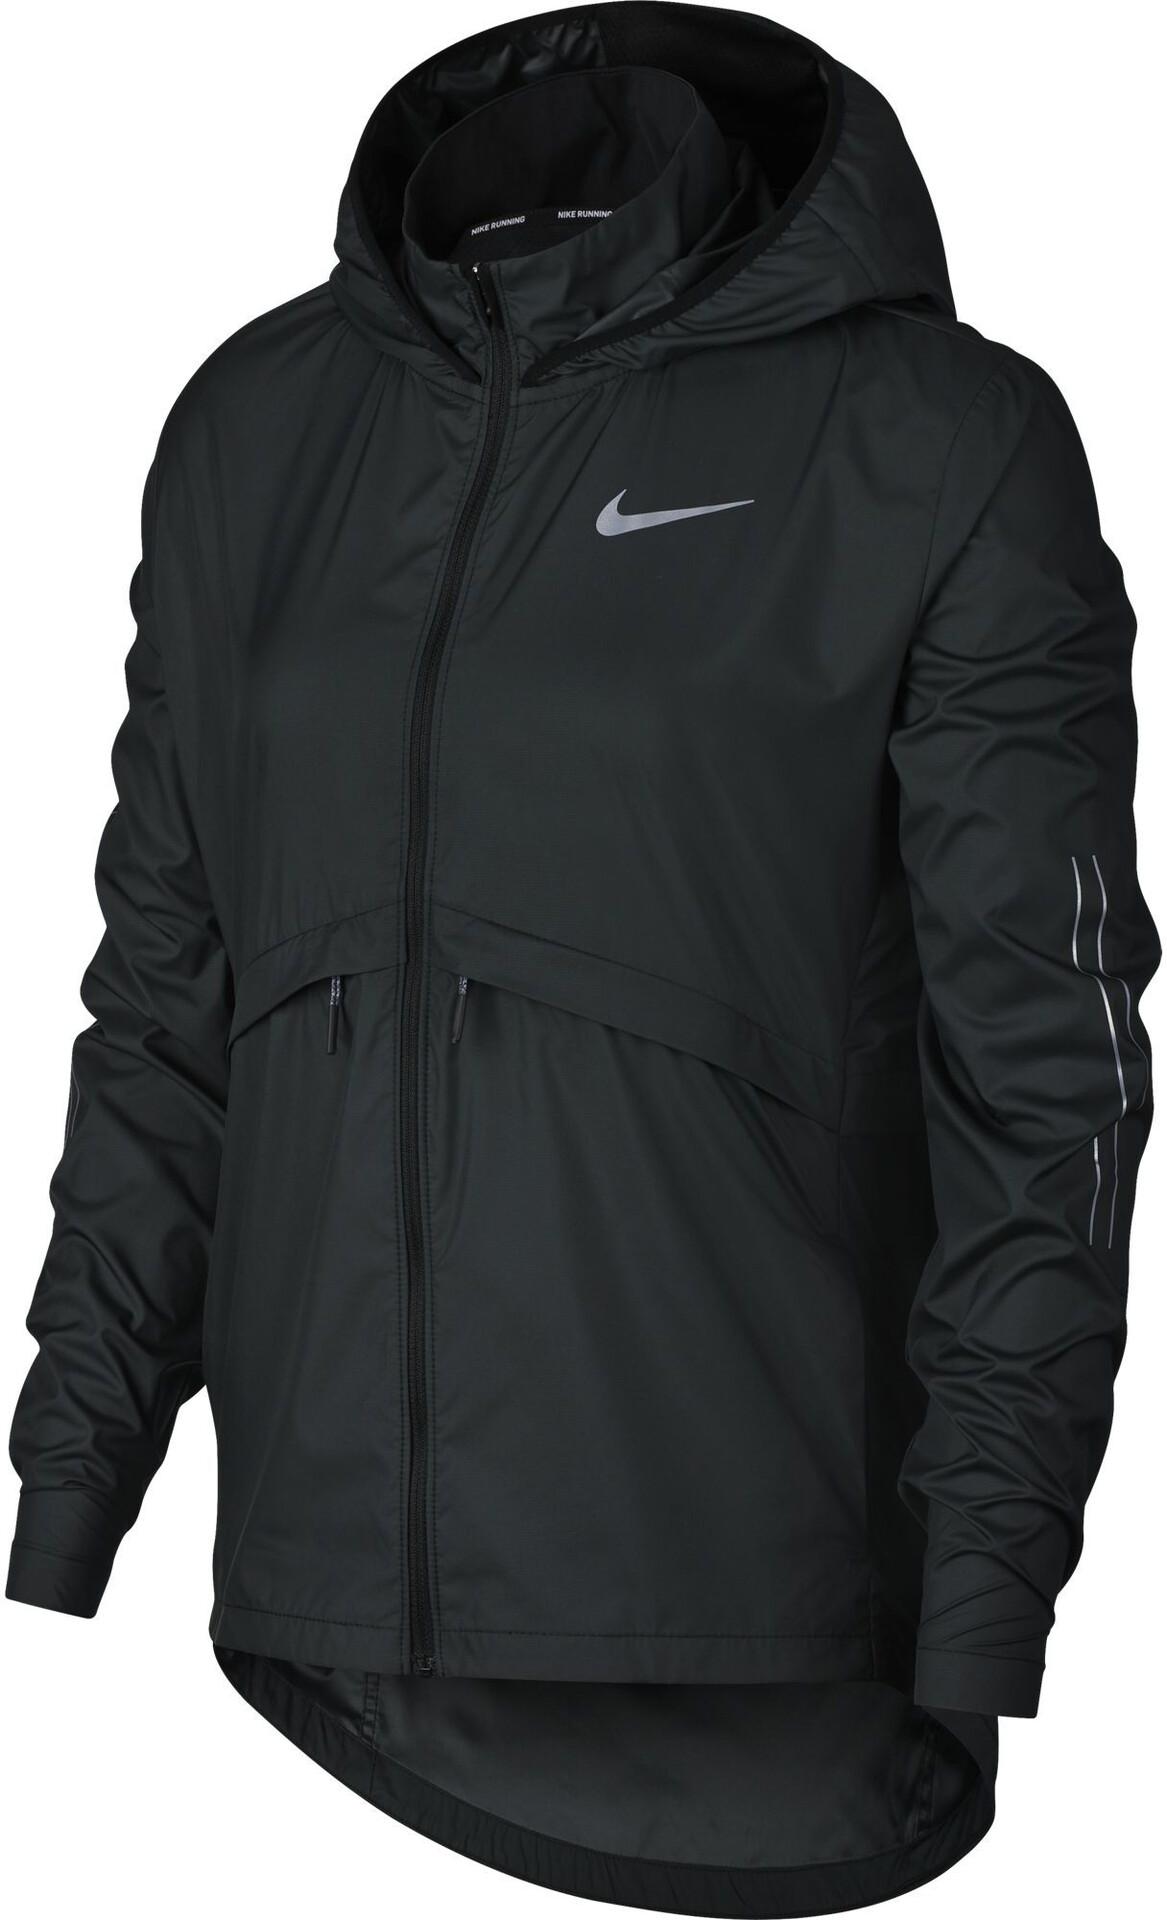 Femme Sur À Essential Pied Veste Nike Campz Noir Course azTwRxq